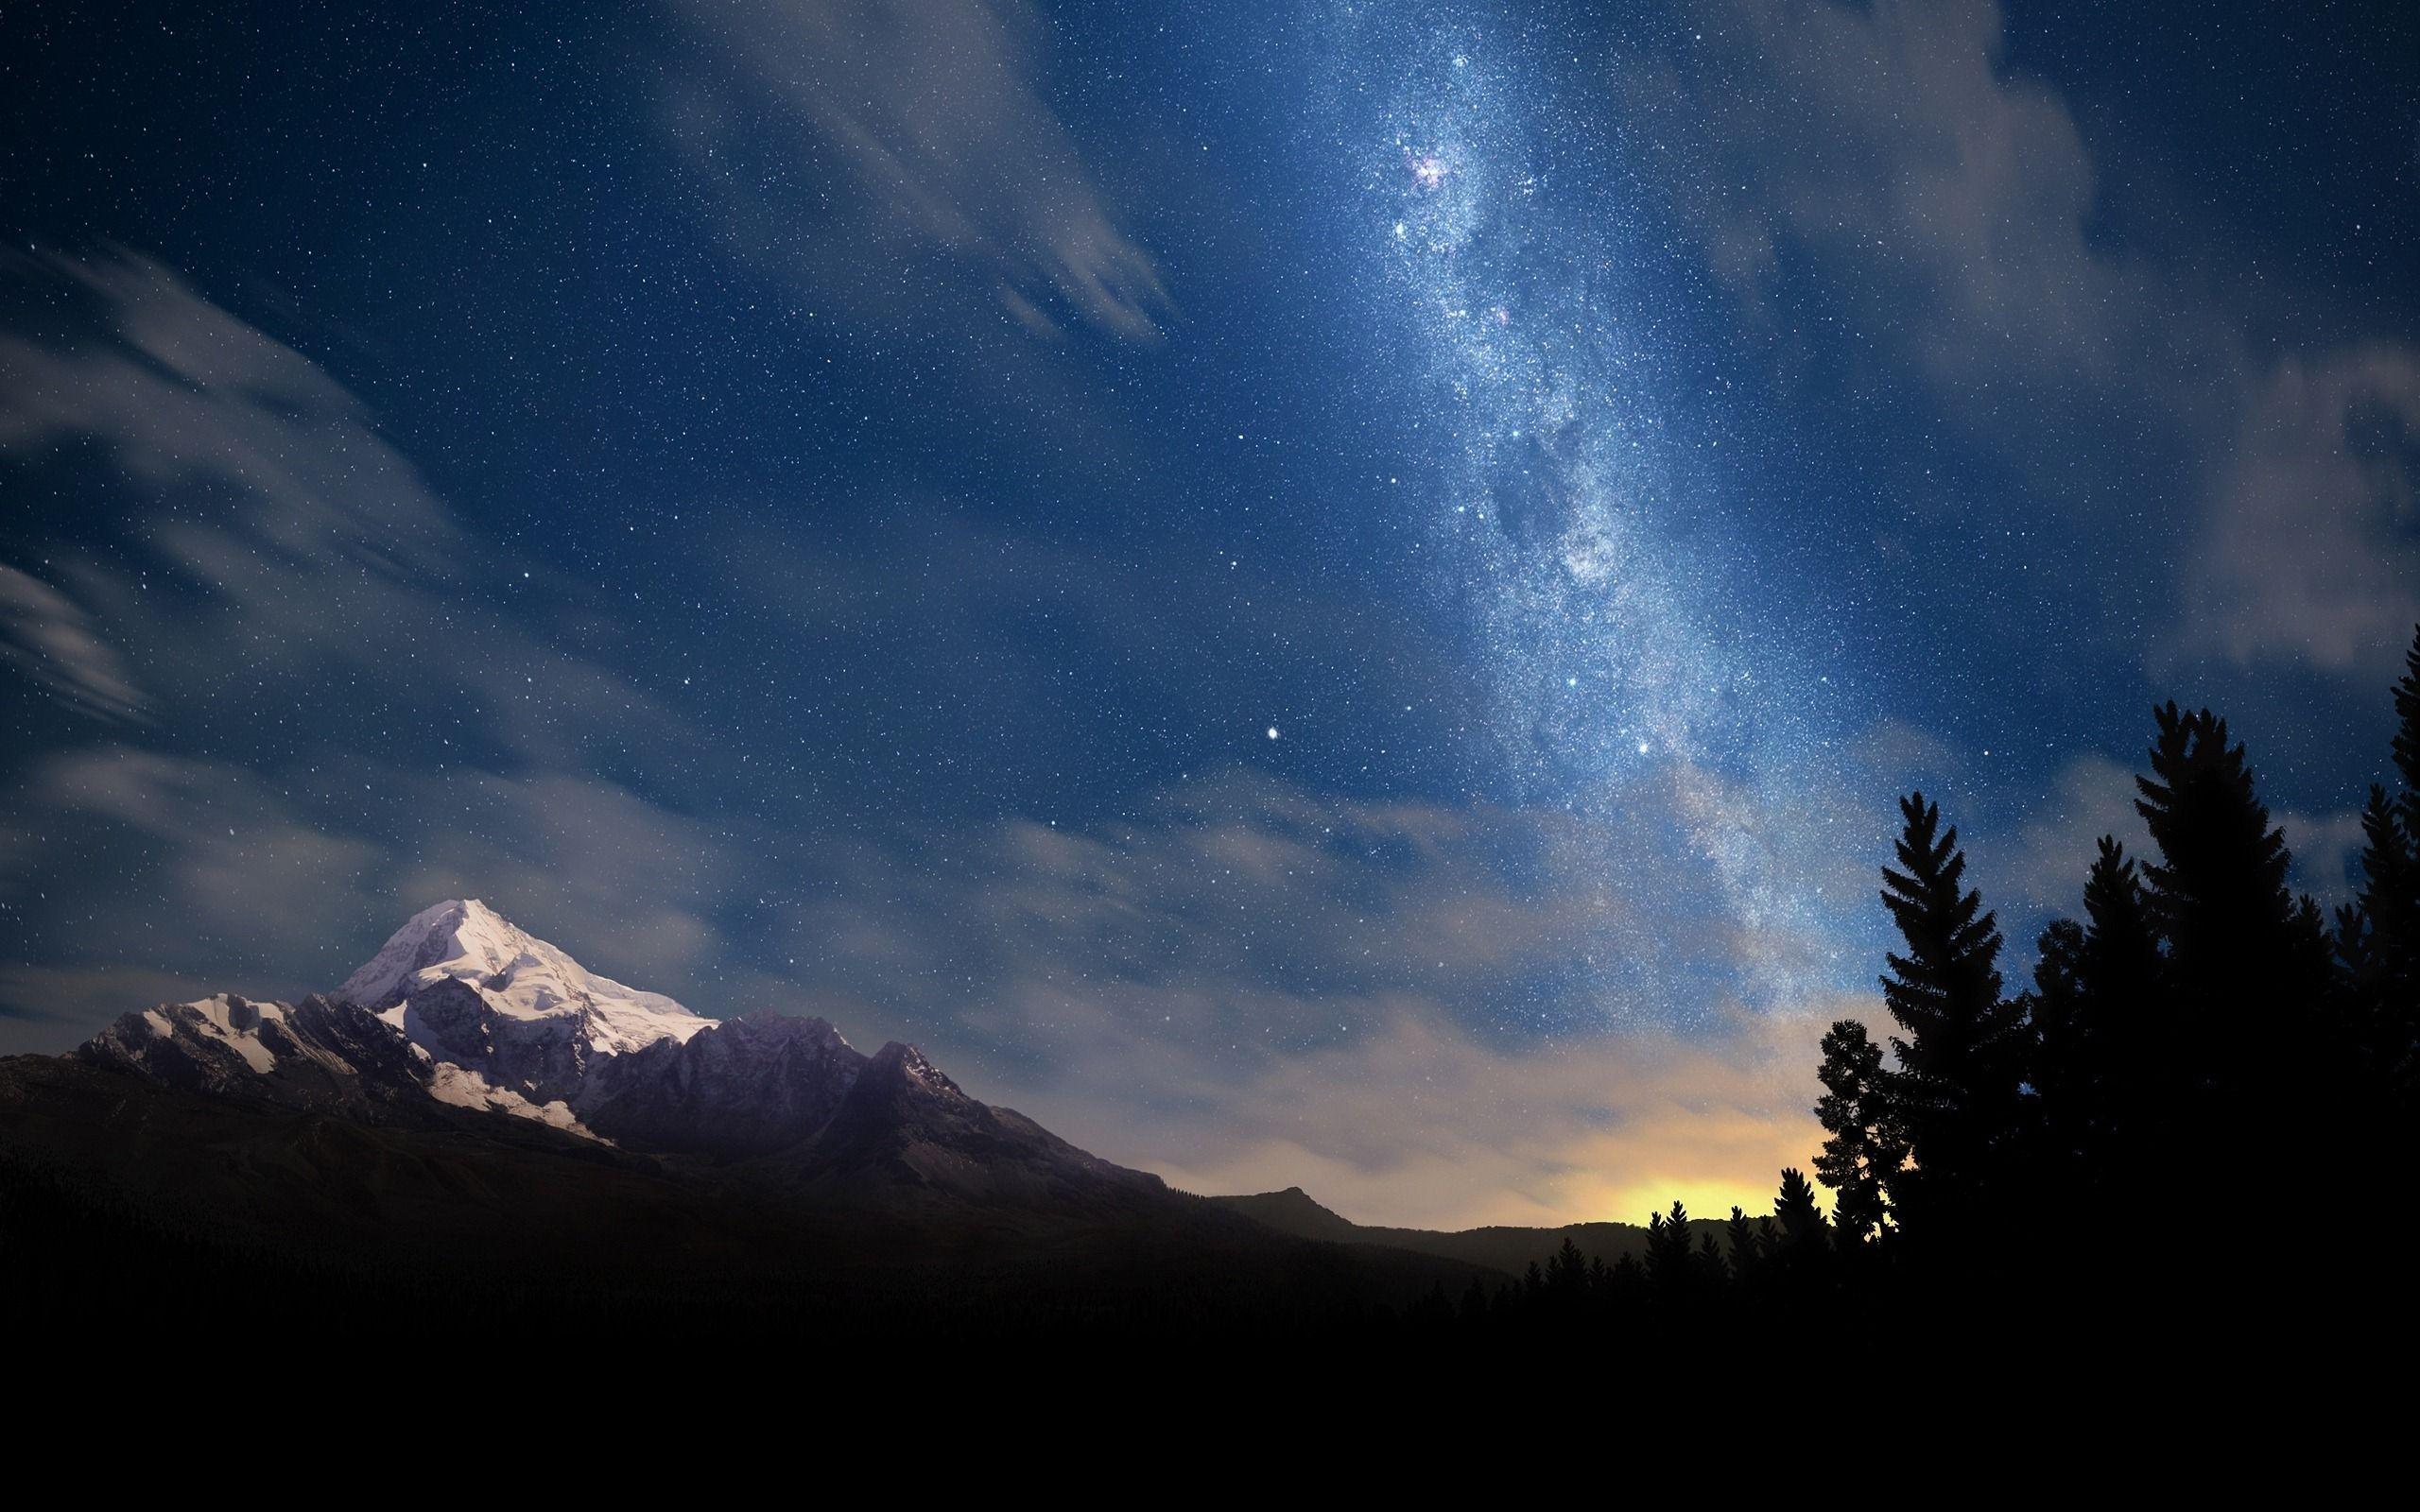 Milky Way Wallpapers Wallpaper